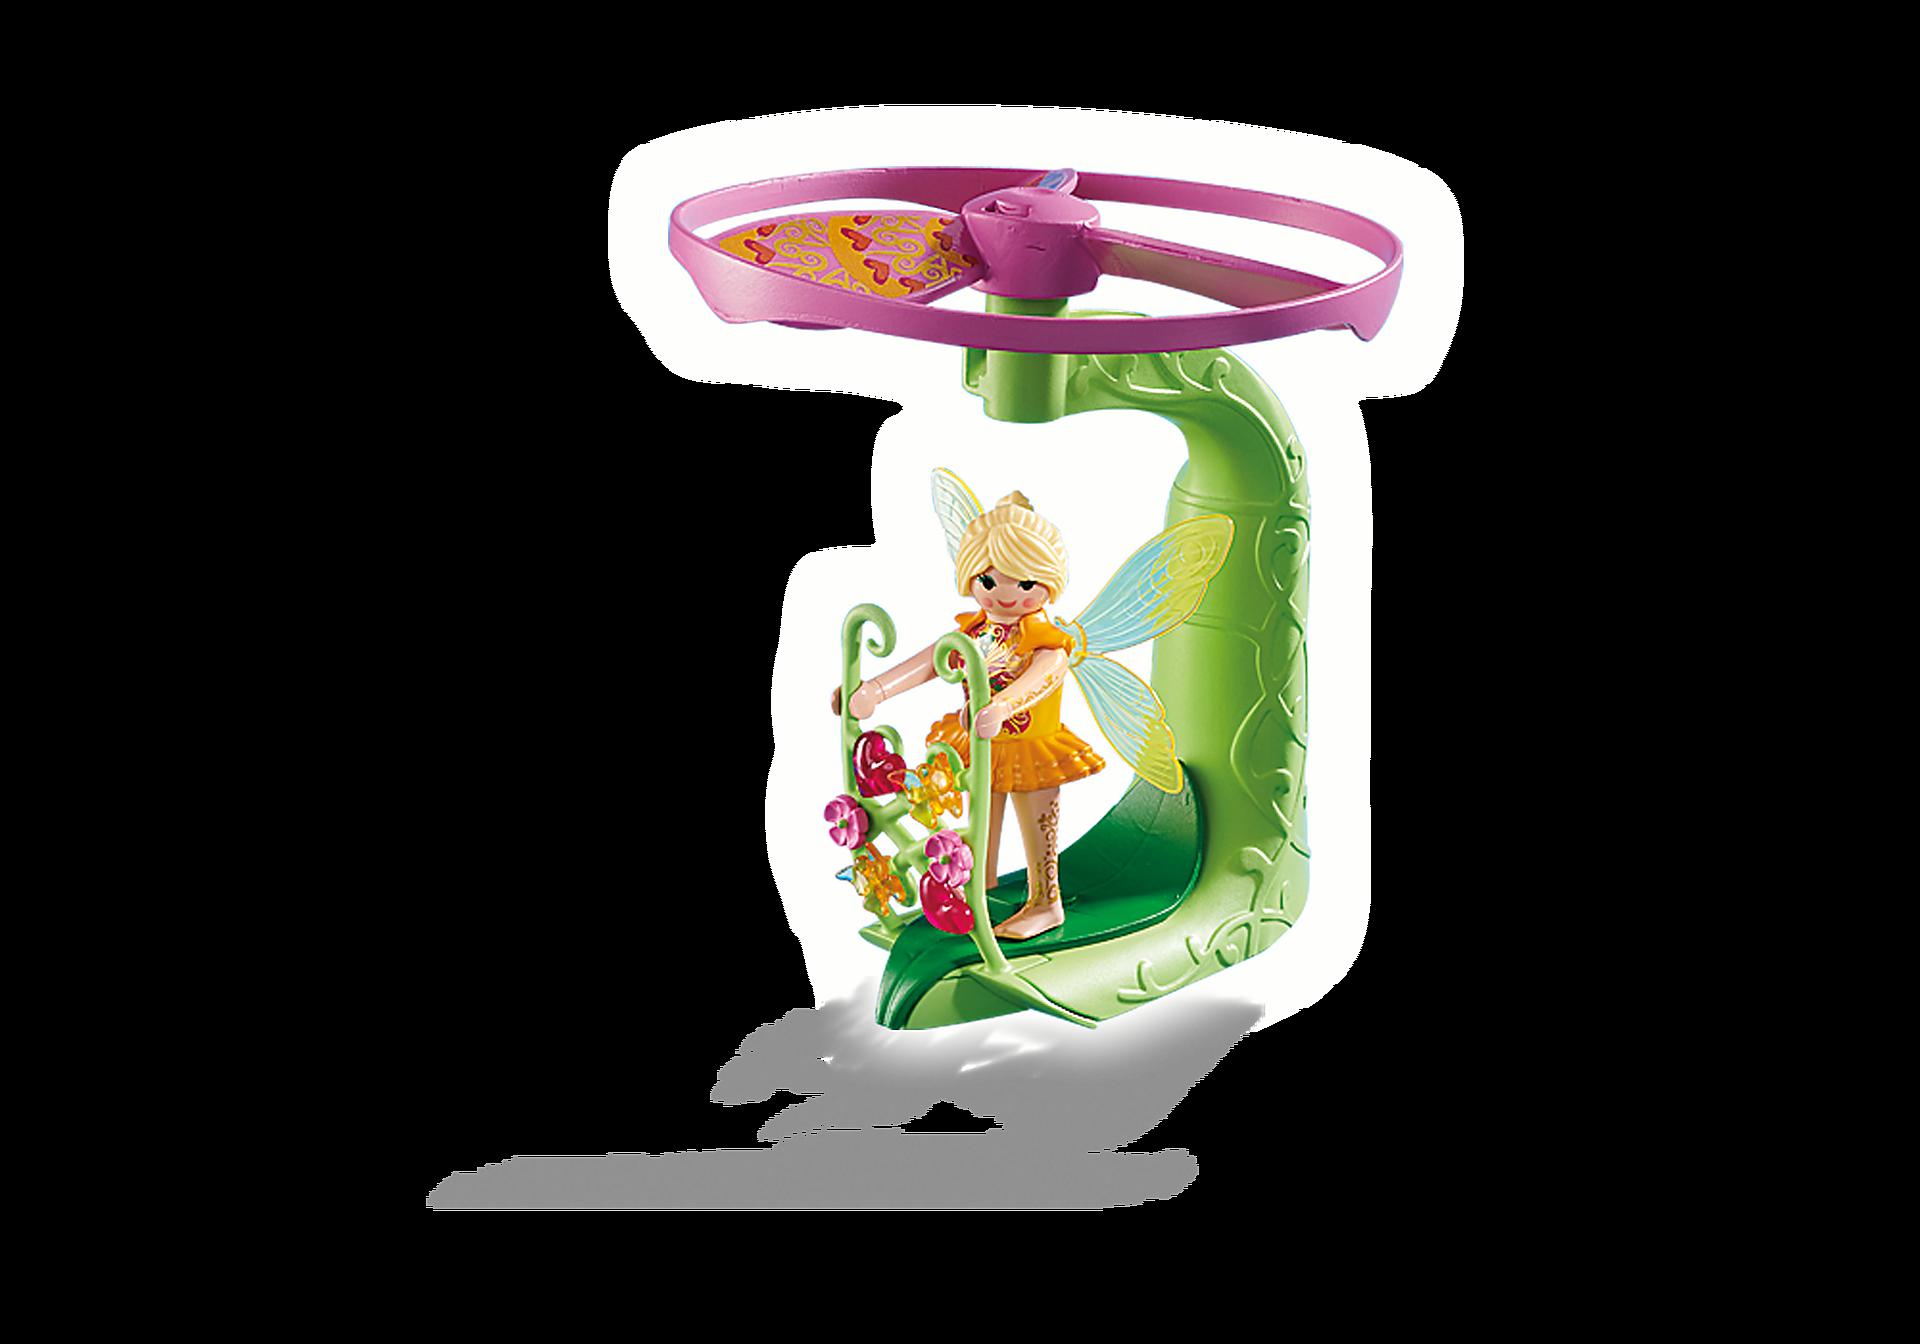 70056 Fée avec hélice volante zoom image6